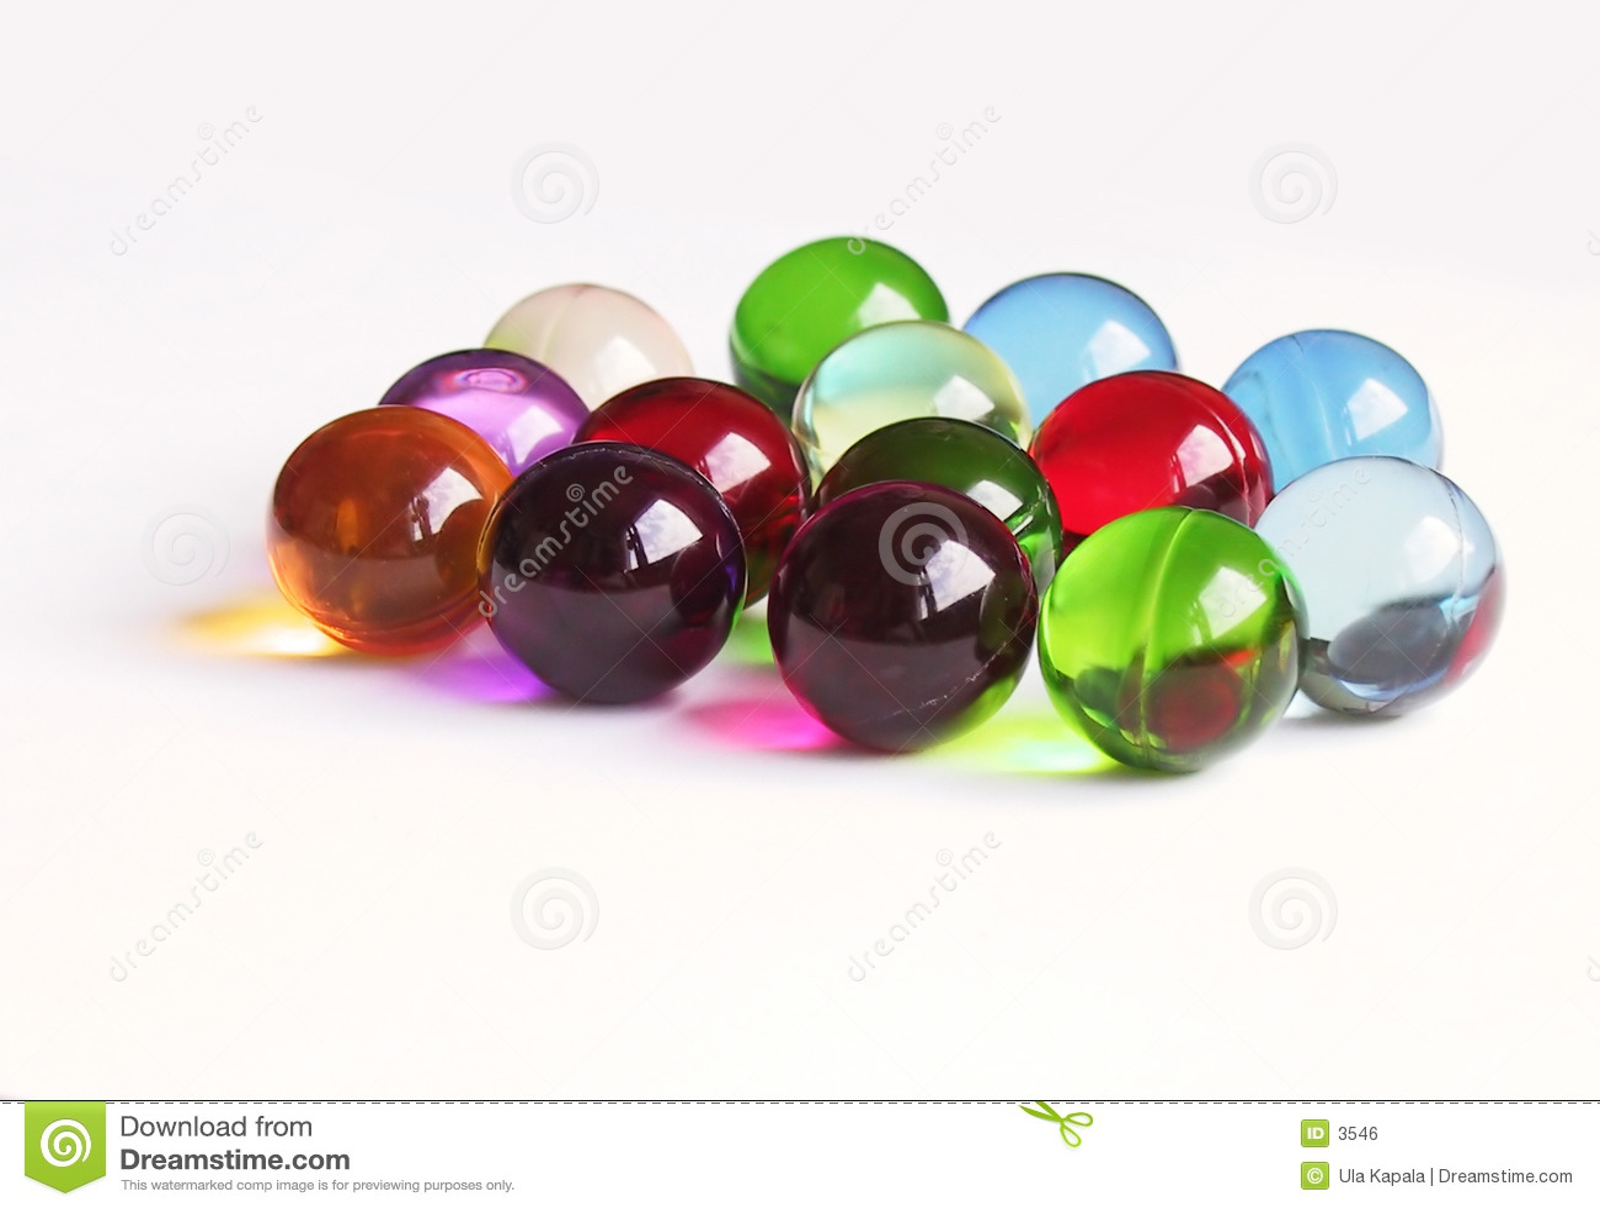 Colored bath balls